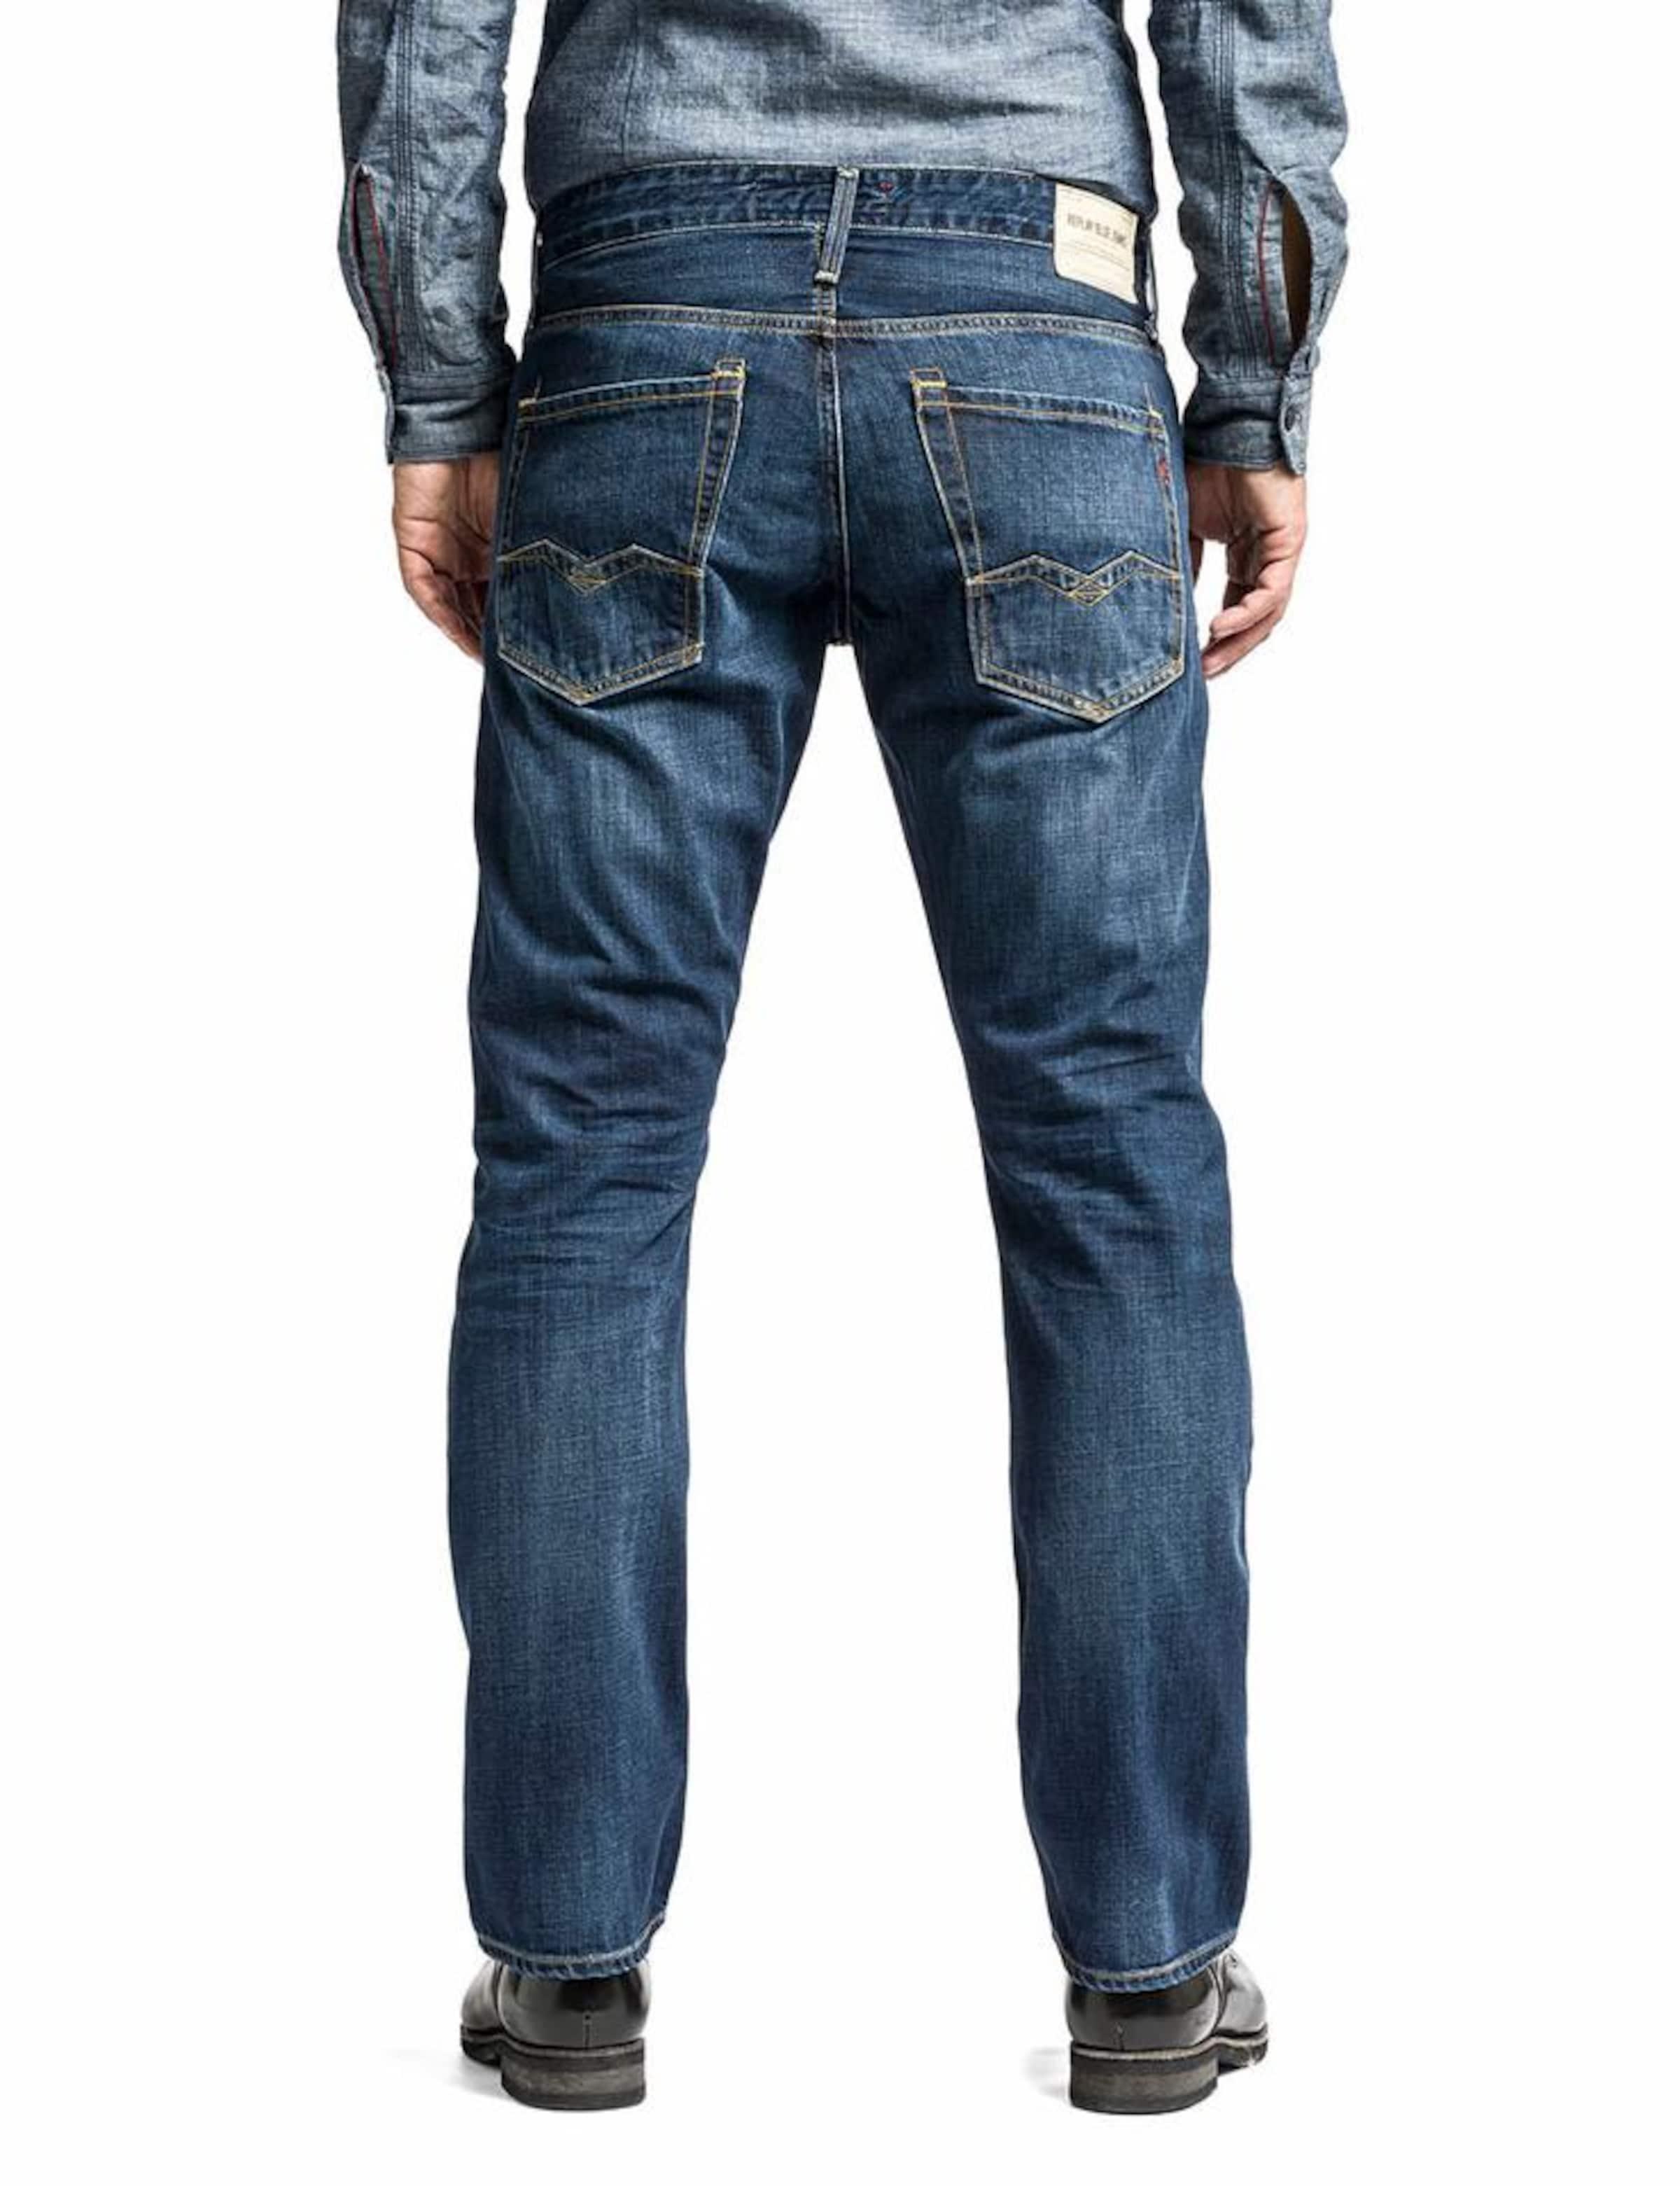 Billig 100% Authentisch Niedrigen Preis Versandkosten Für Günstigen Preis REPLAY Jeans 'Waitom' Billige Ebay Billig Verkauf Wirklich Rabatte Günstig Online PCUOes85